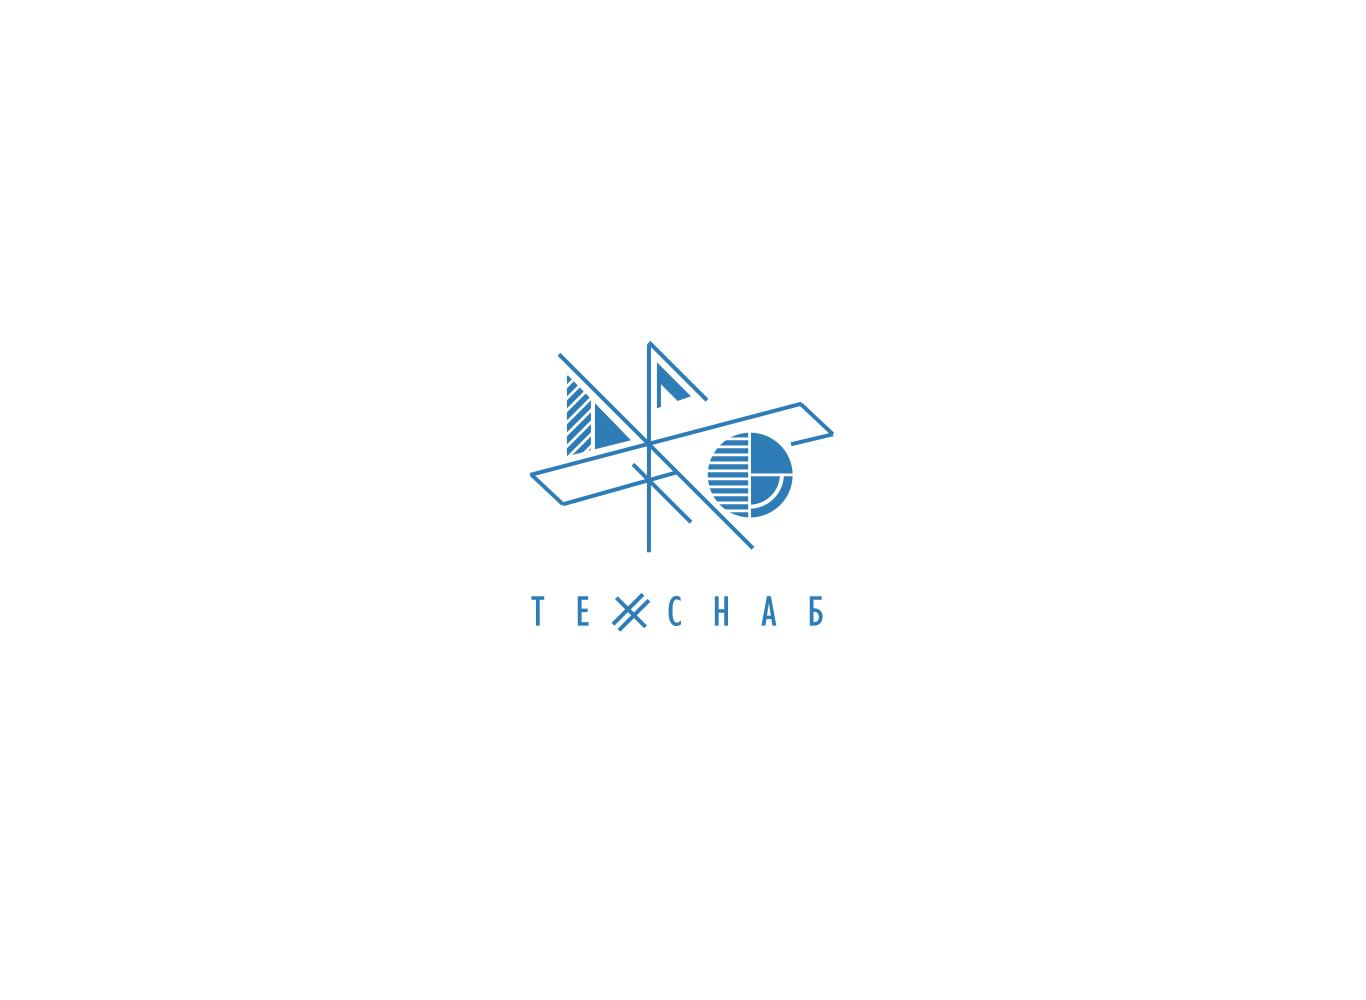 Разработка логотипа и фирм. стиля компании  ТЕХСНАБ фото f_8855b220fff5f40f.jpg